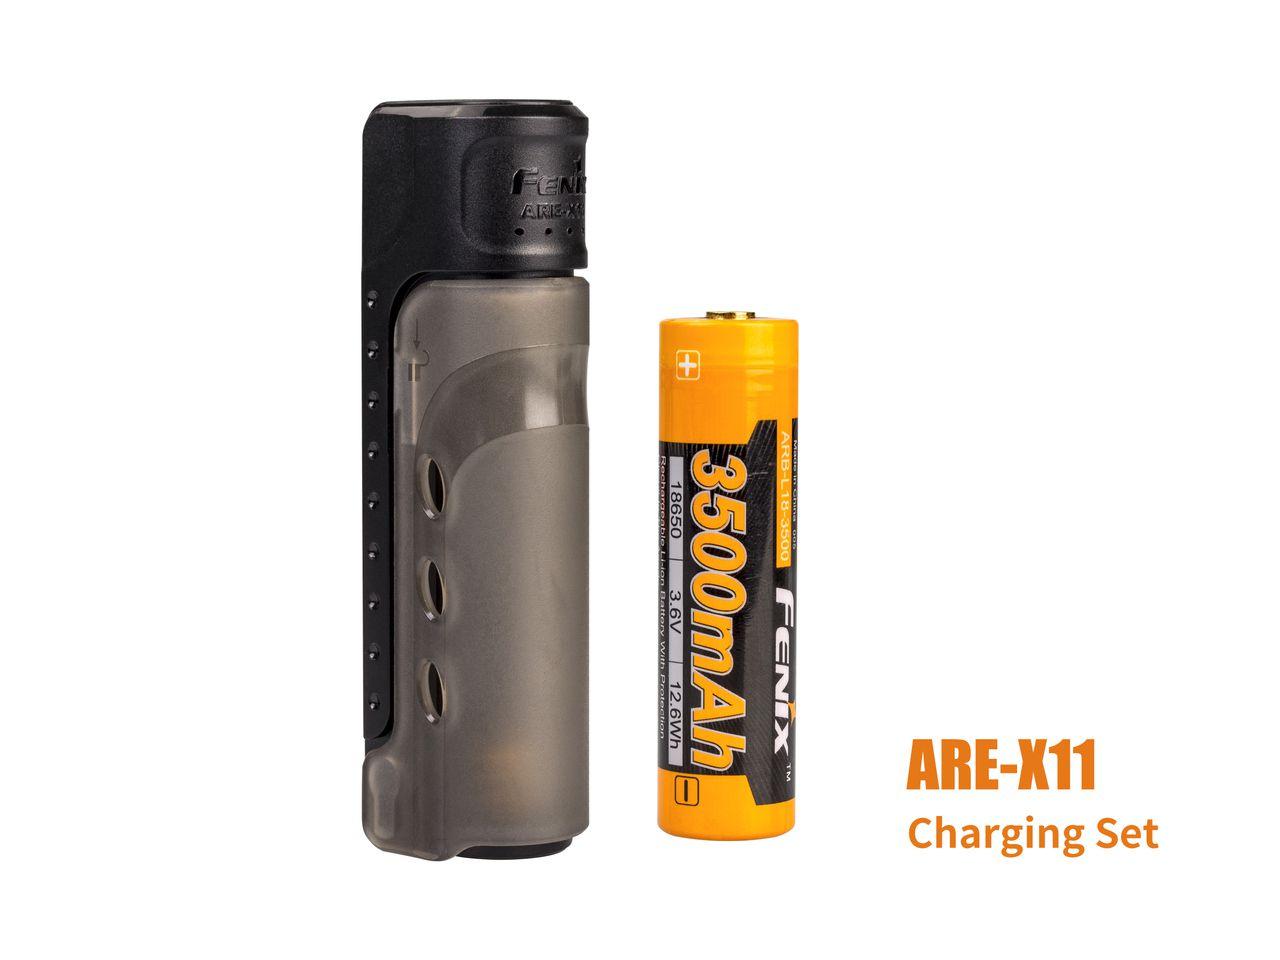 Carregador Fenix ARE-X11 Charging + Bateria 3500mAh